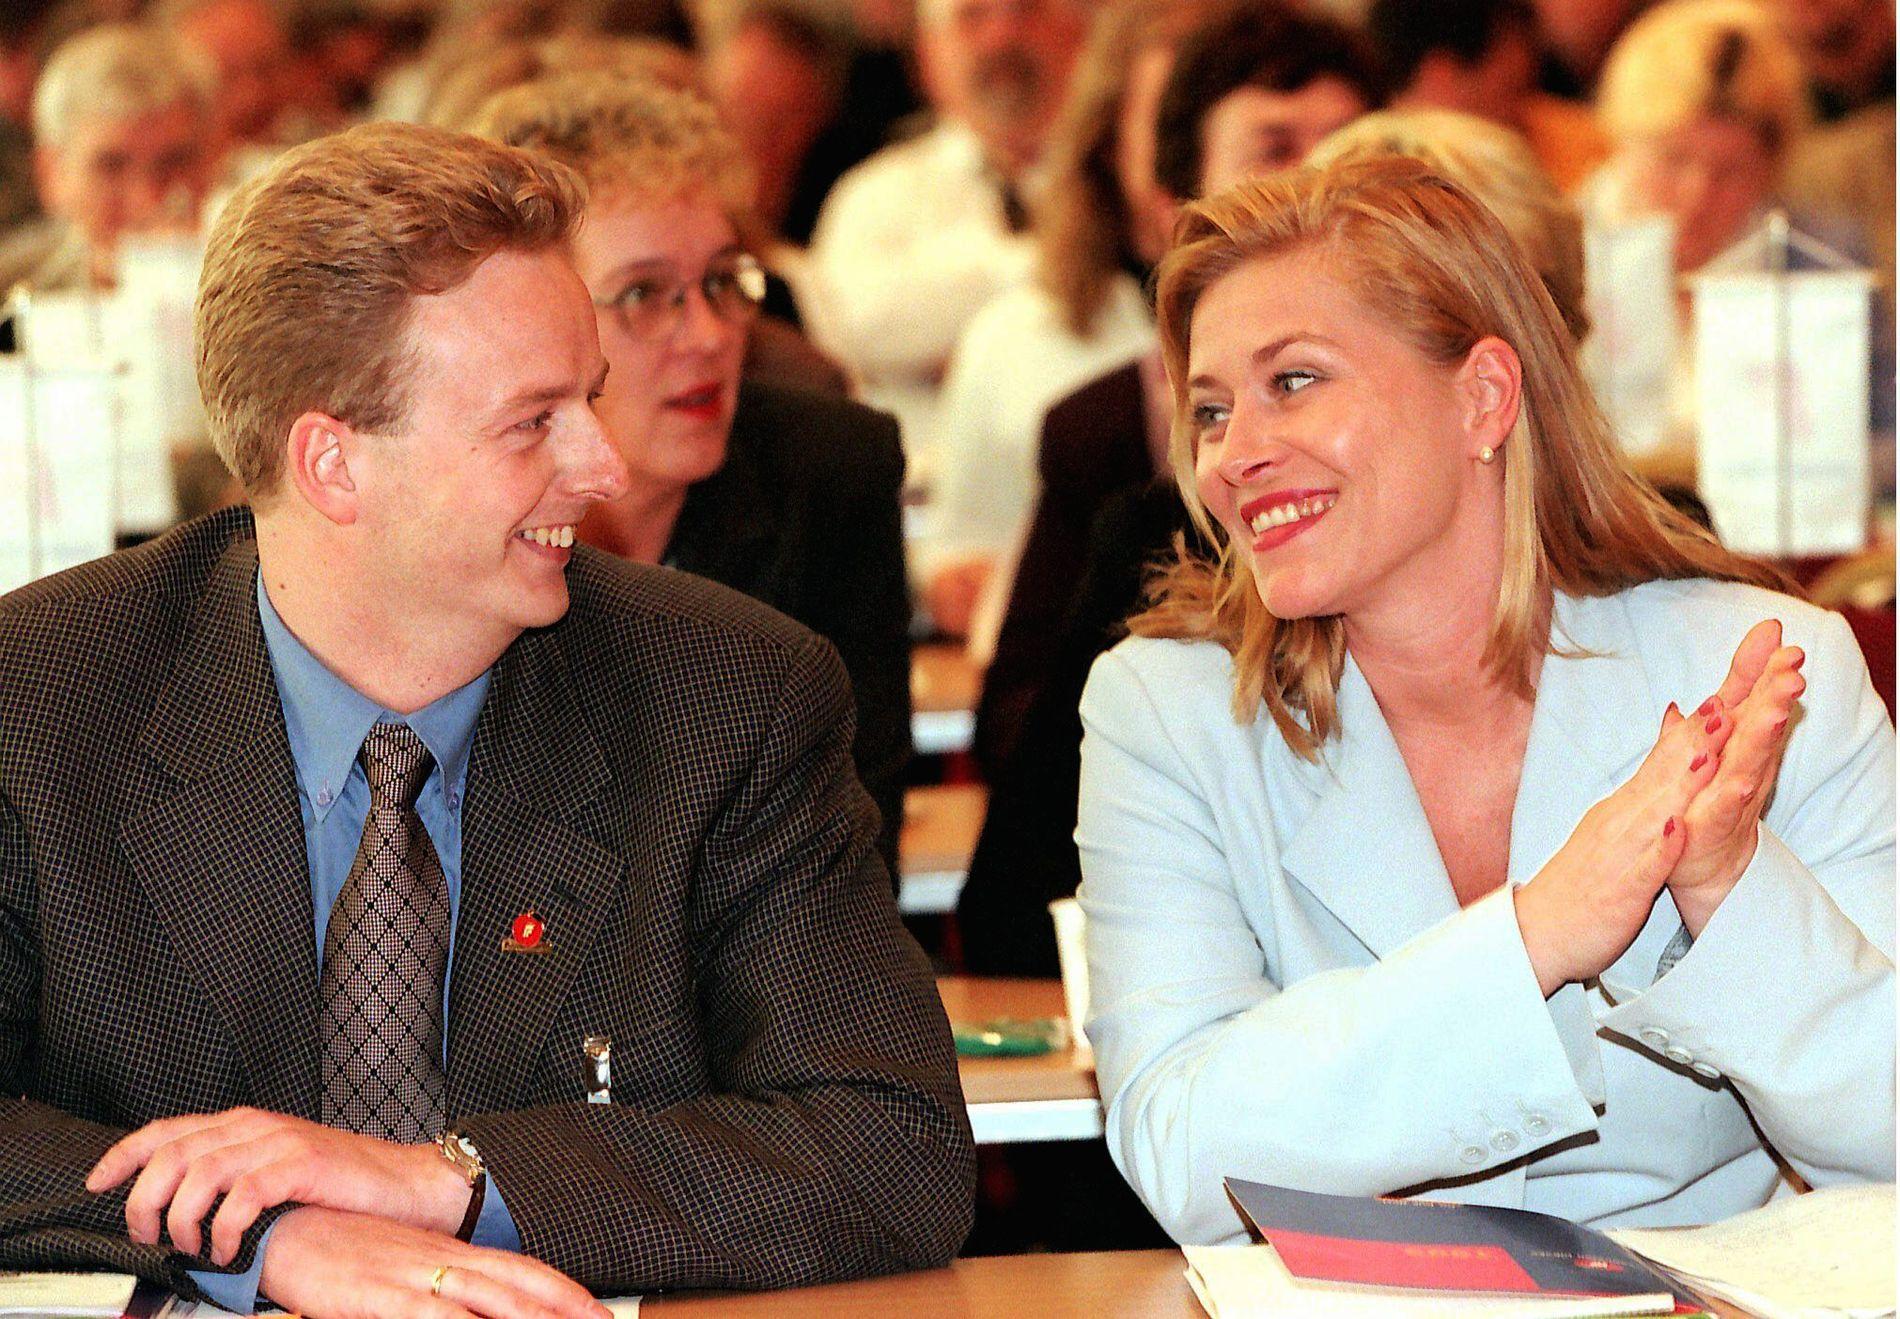 NESTLEDERDUO: Terje Søviknes og Siv Jensen på landsmøtet i 1999.